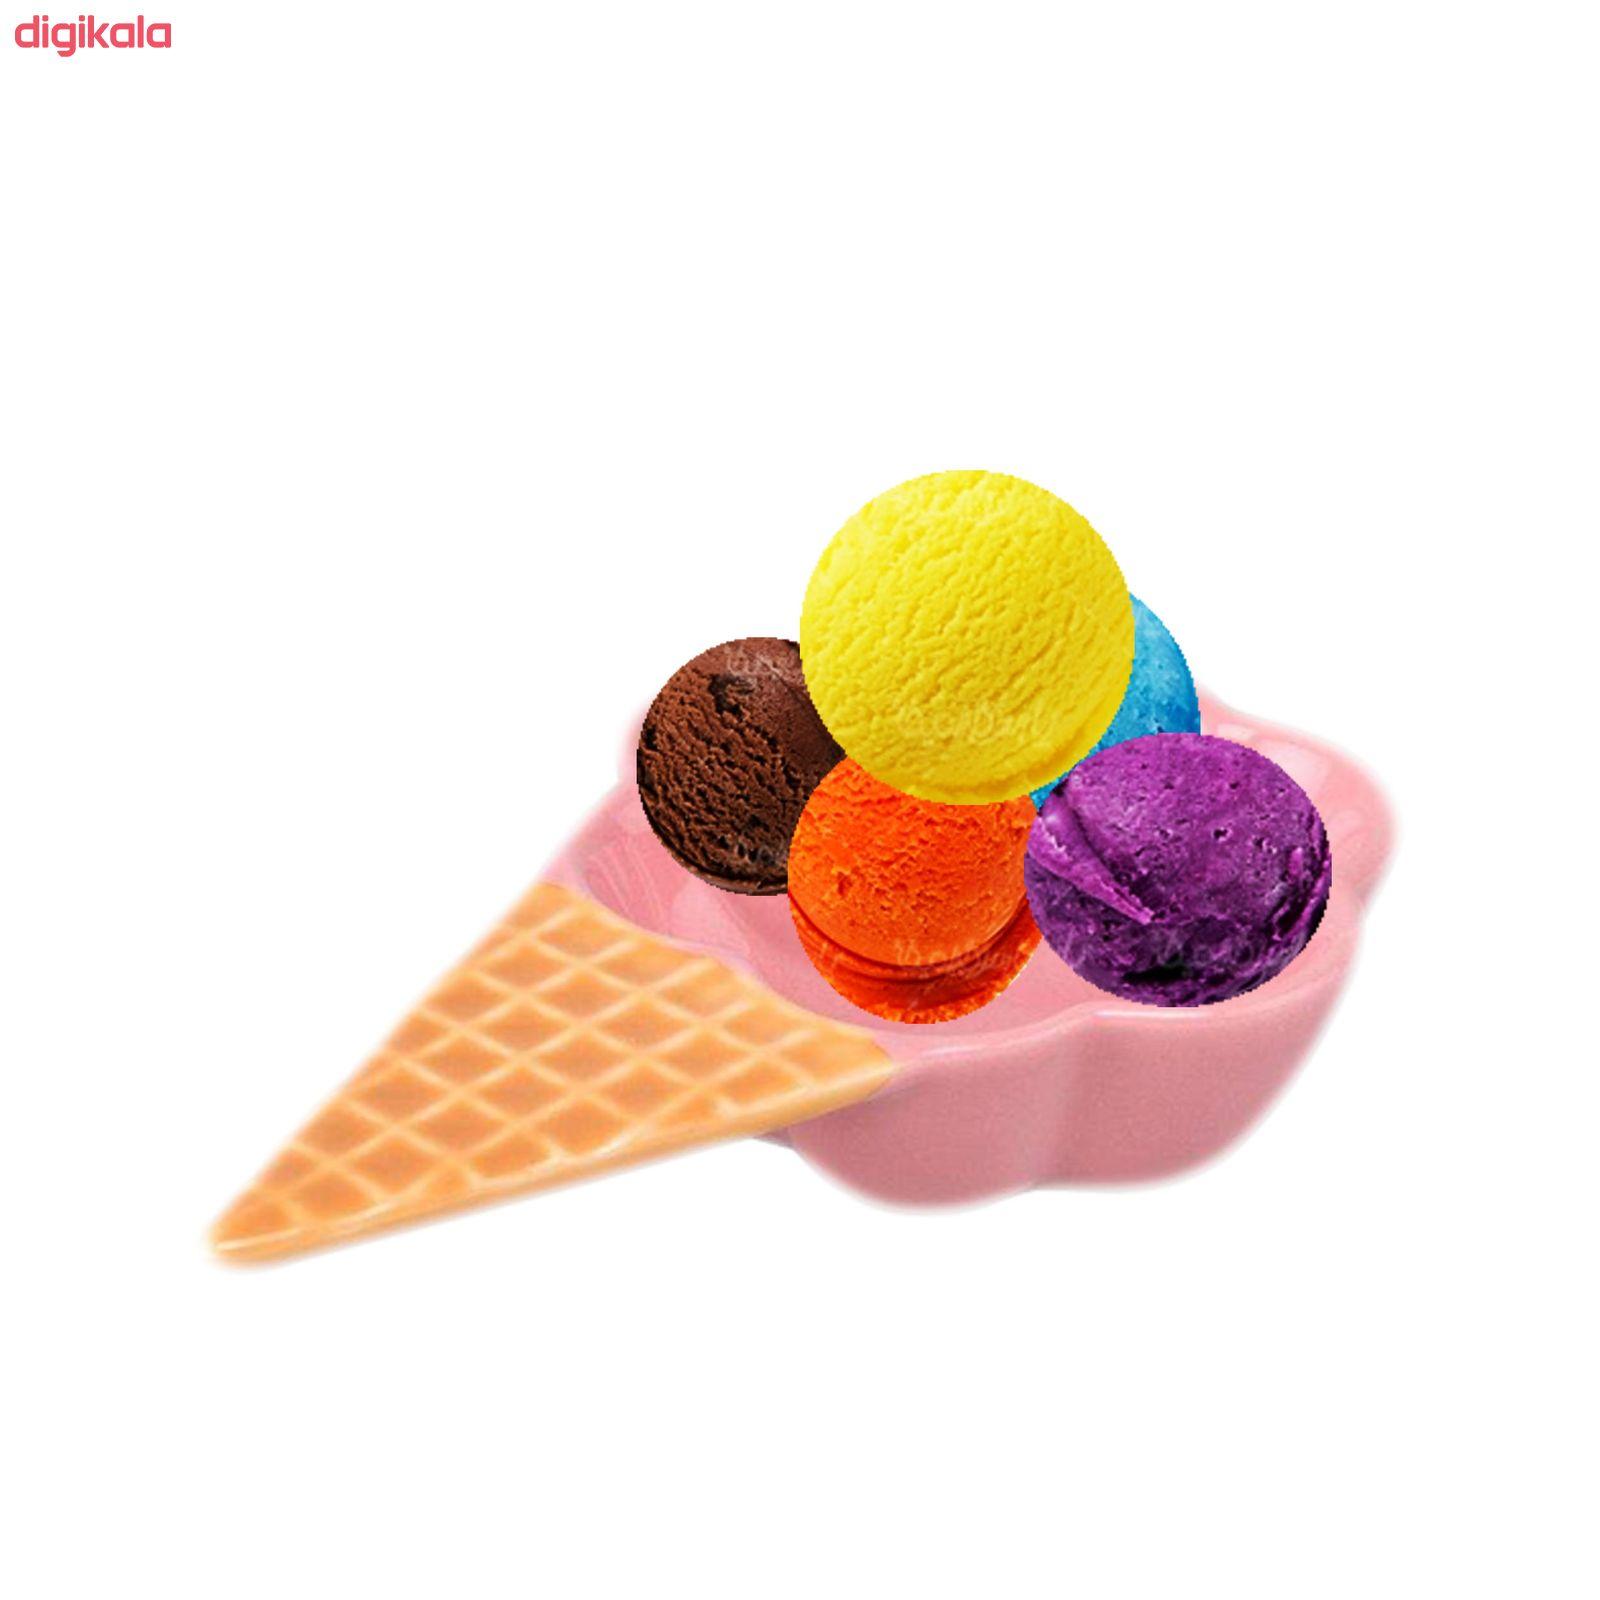 بستنی خوری کد 113 مجموعه 6 عددی main 1 3